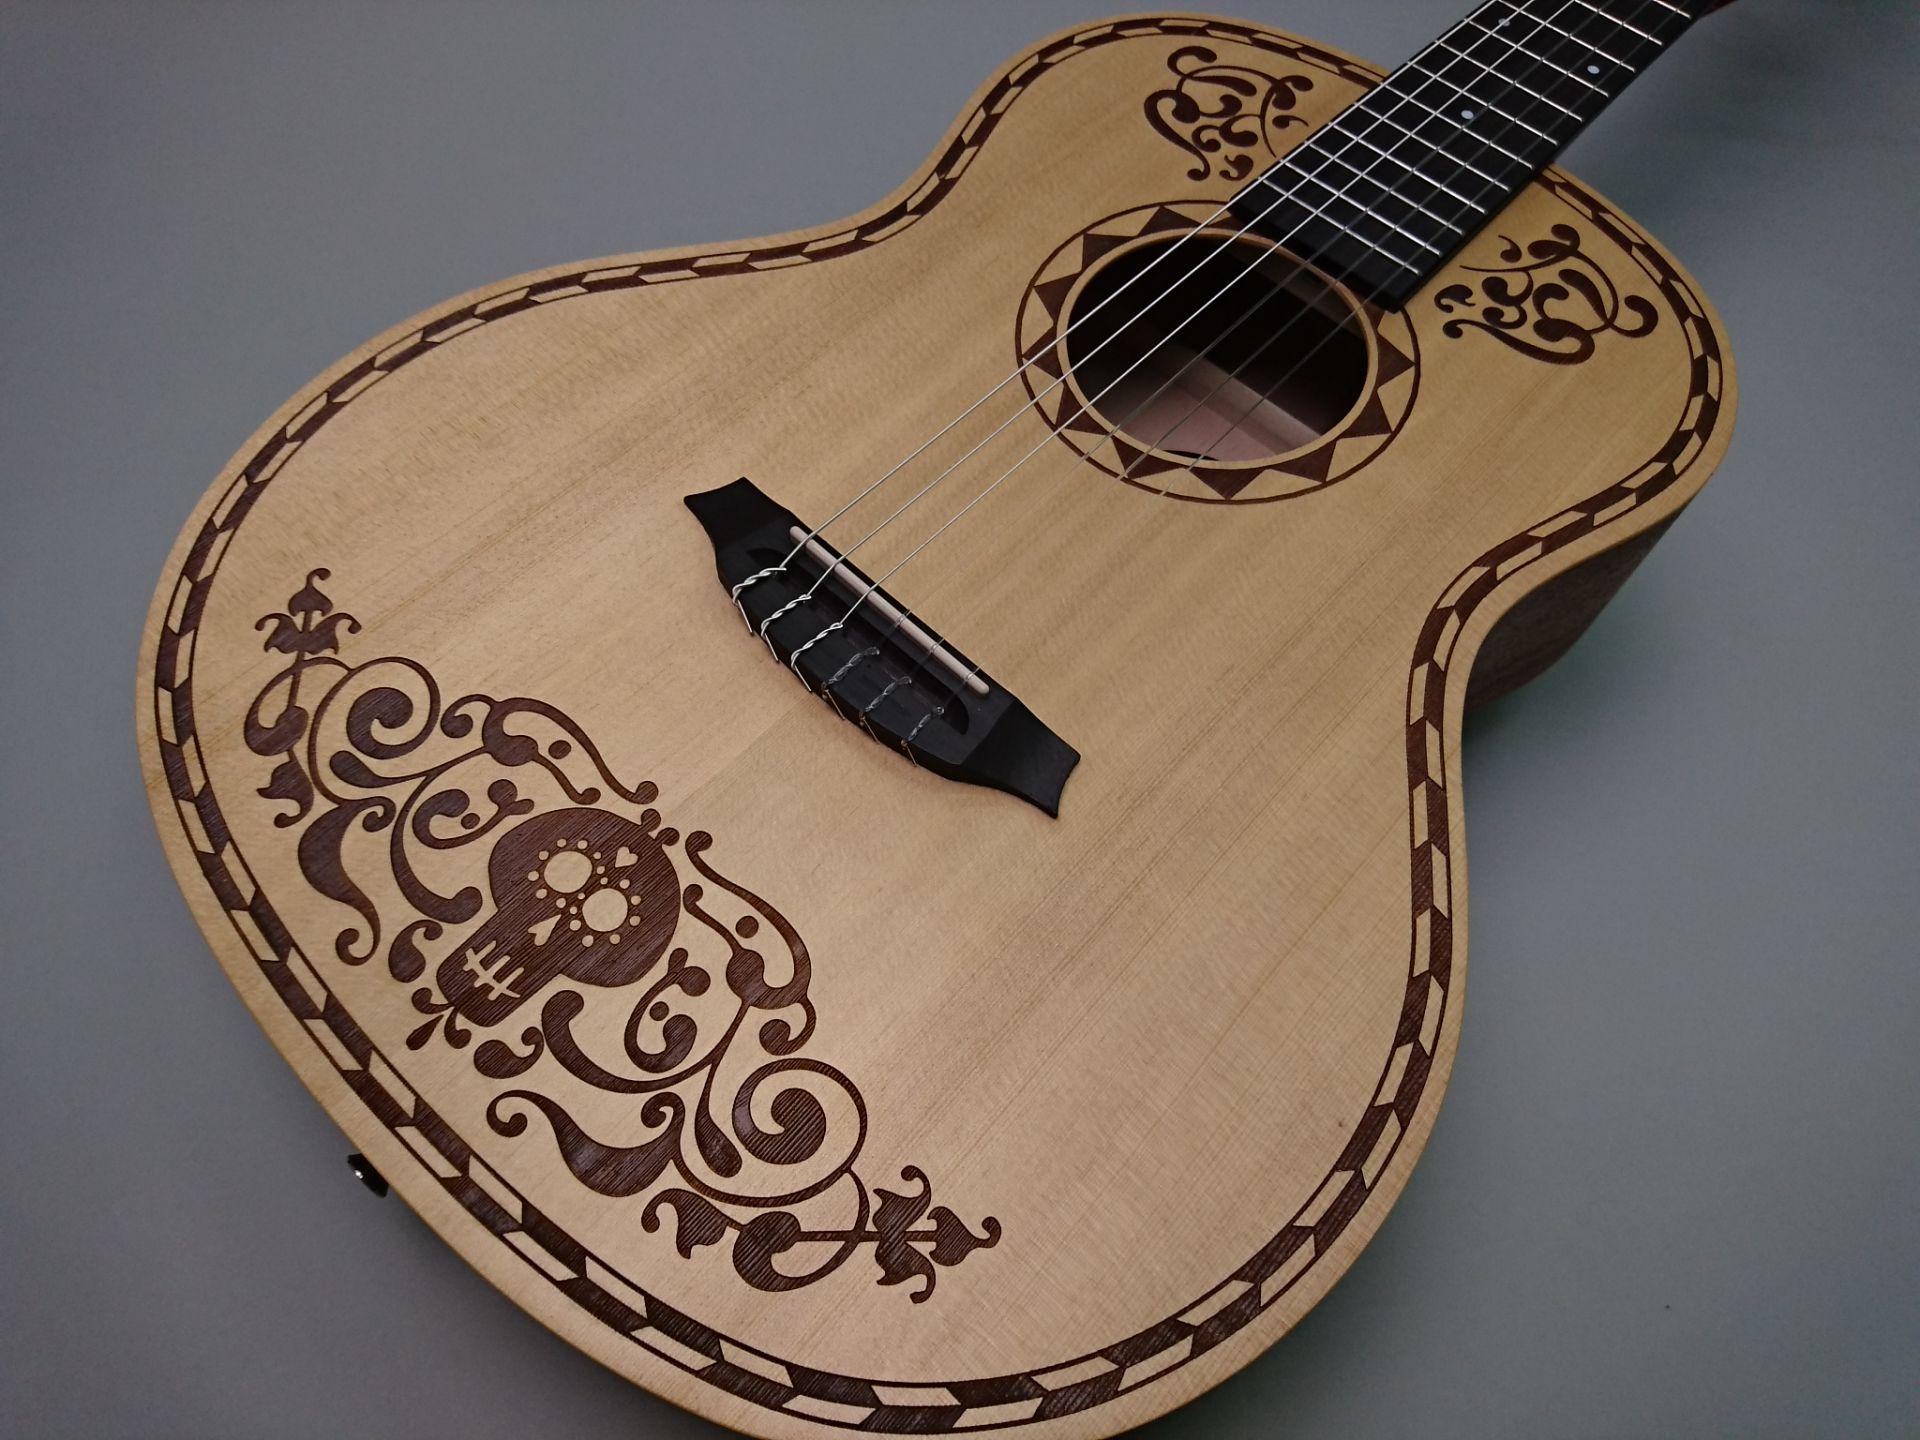 Coco Guitarのボディトップ-アップ画像